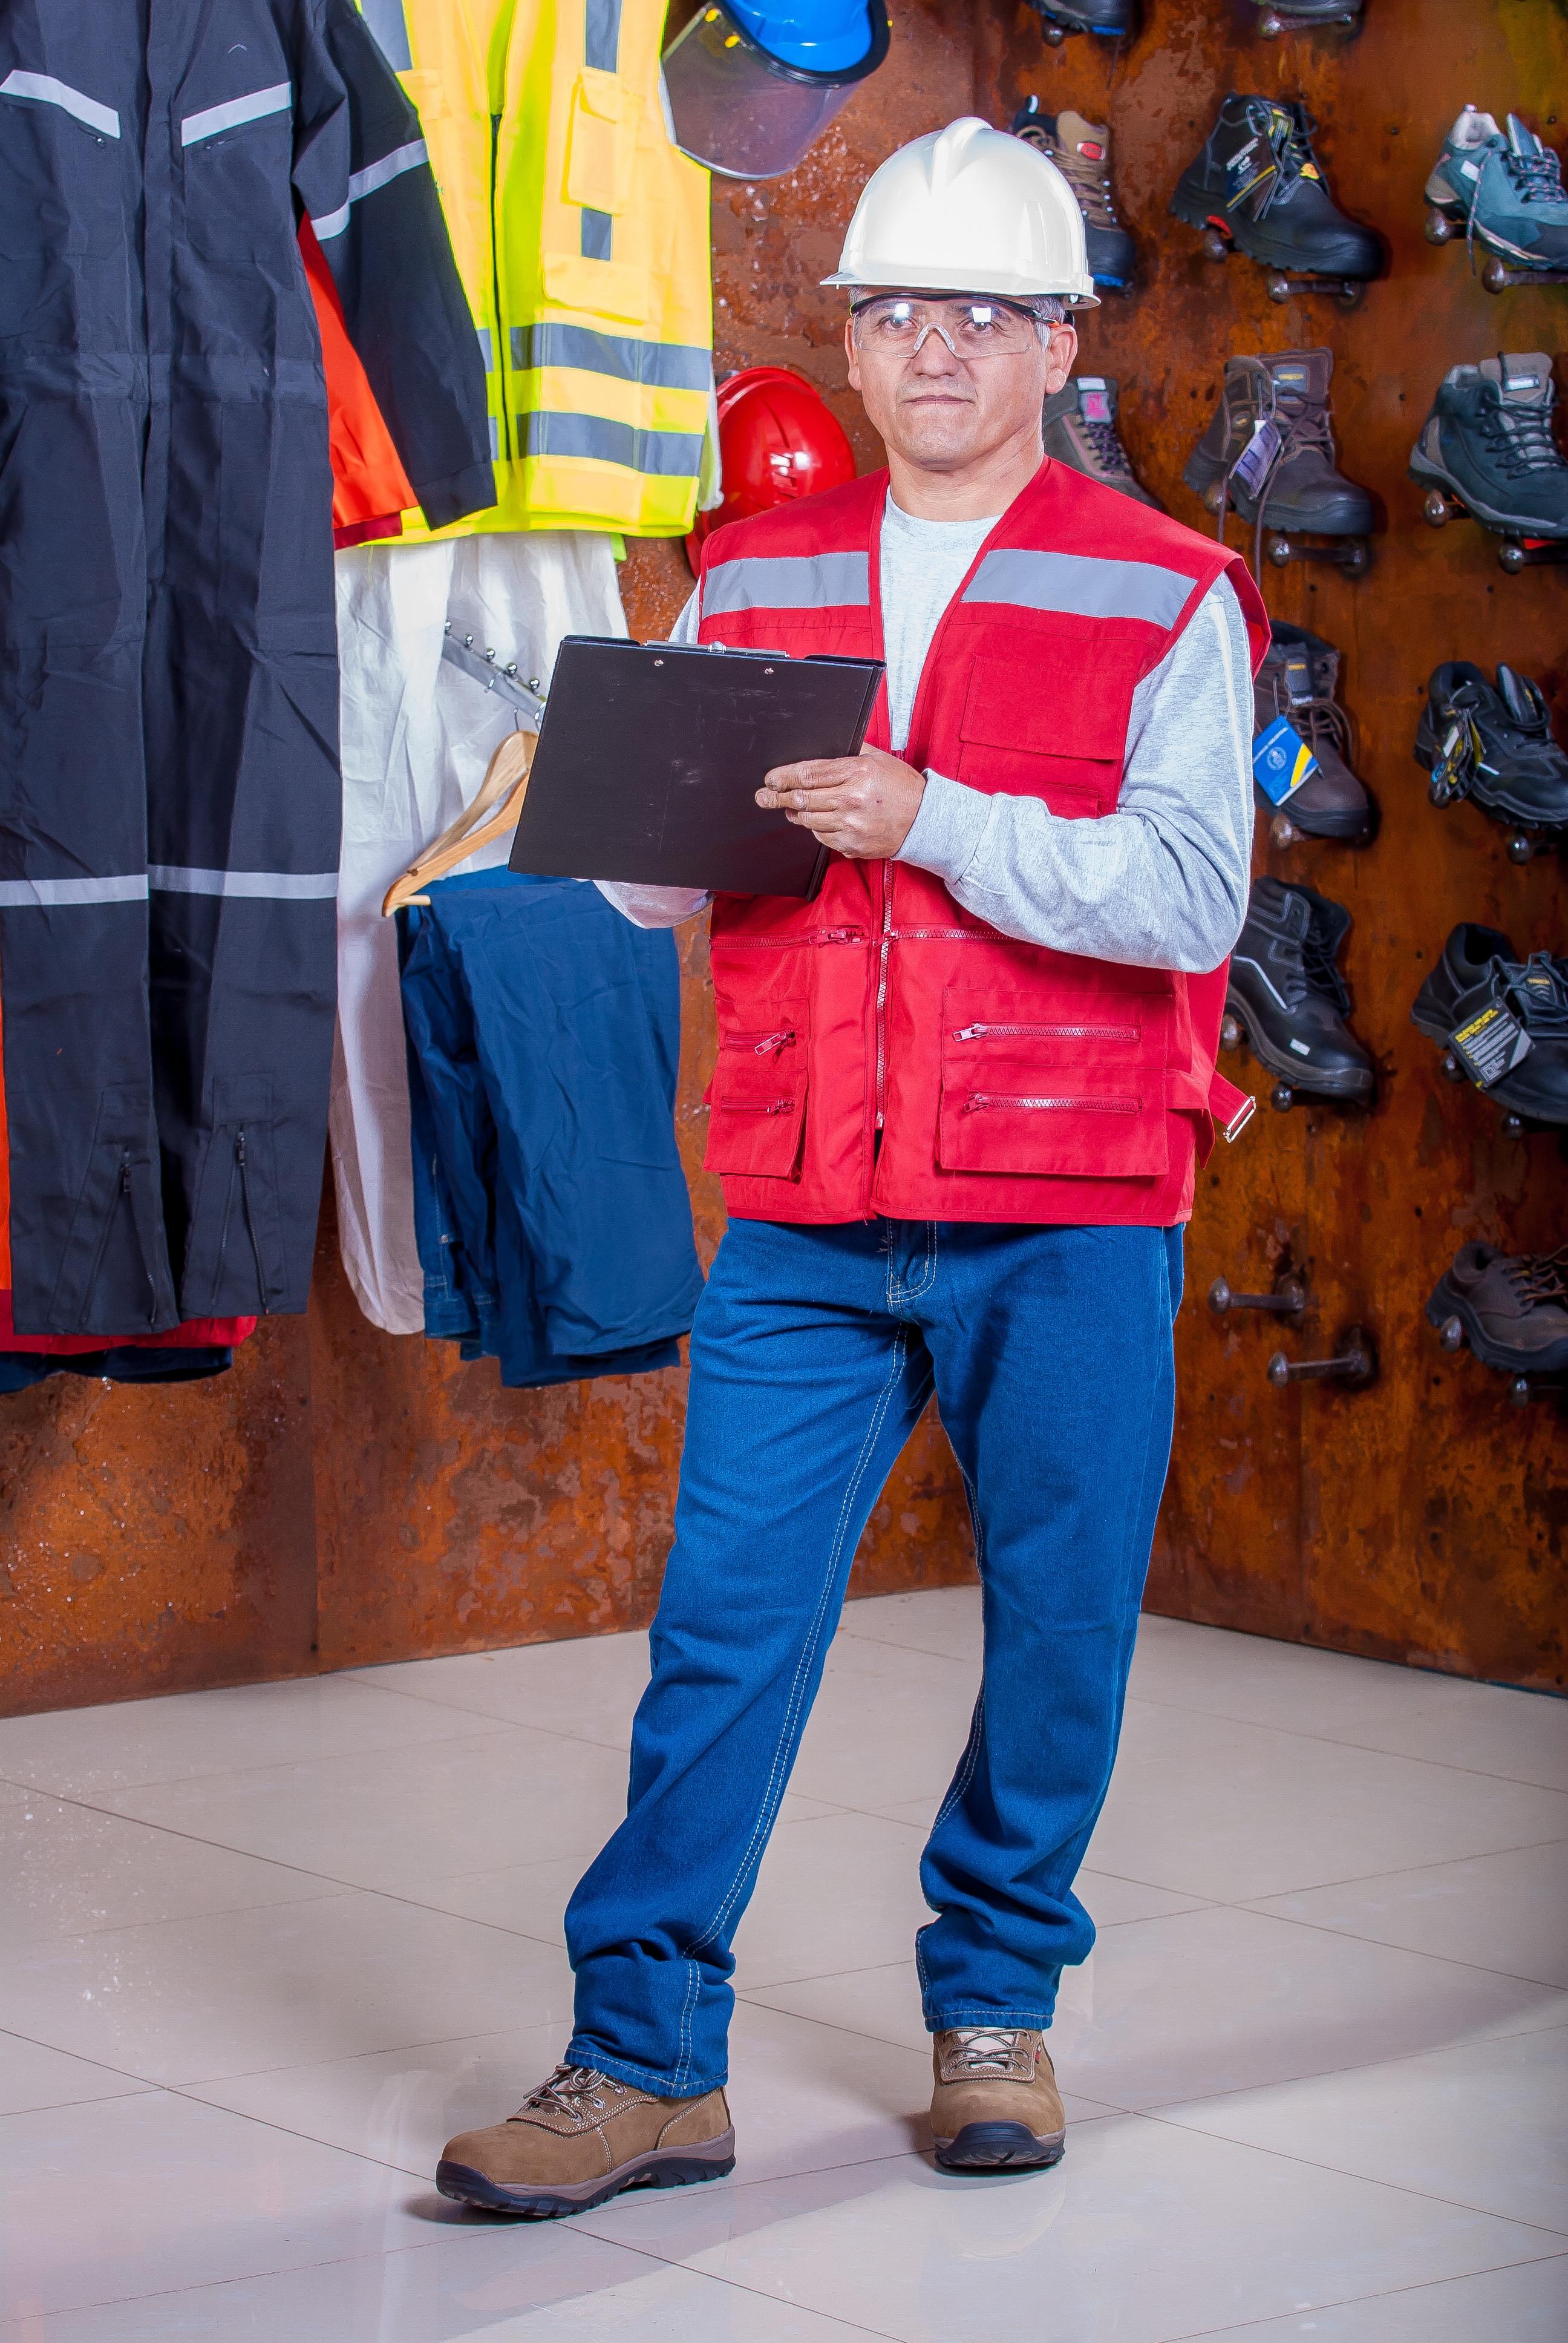 b216321b vår industriell mote klær sikkerhet sko arbeider hjelm produserer drakt  Vest veileder personlig verneutstyr logis arbeidsklær